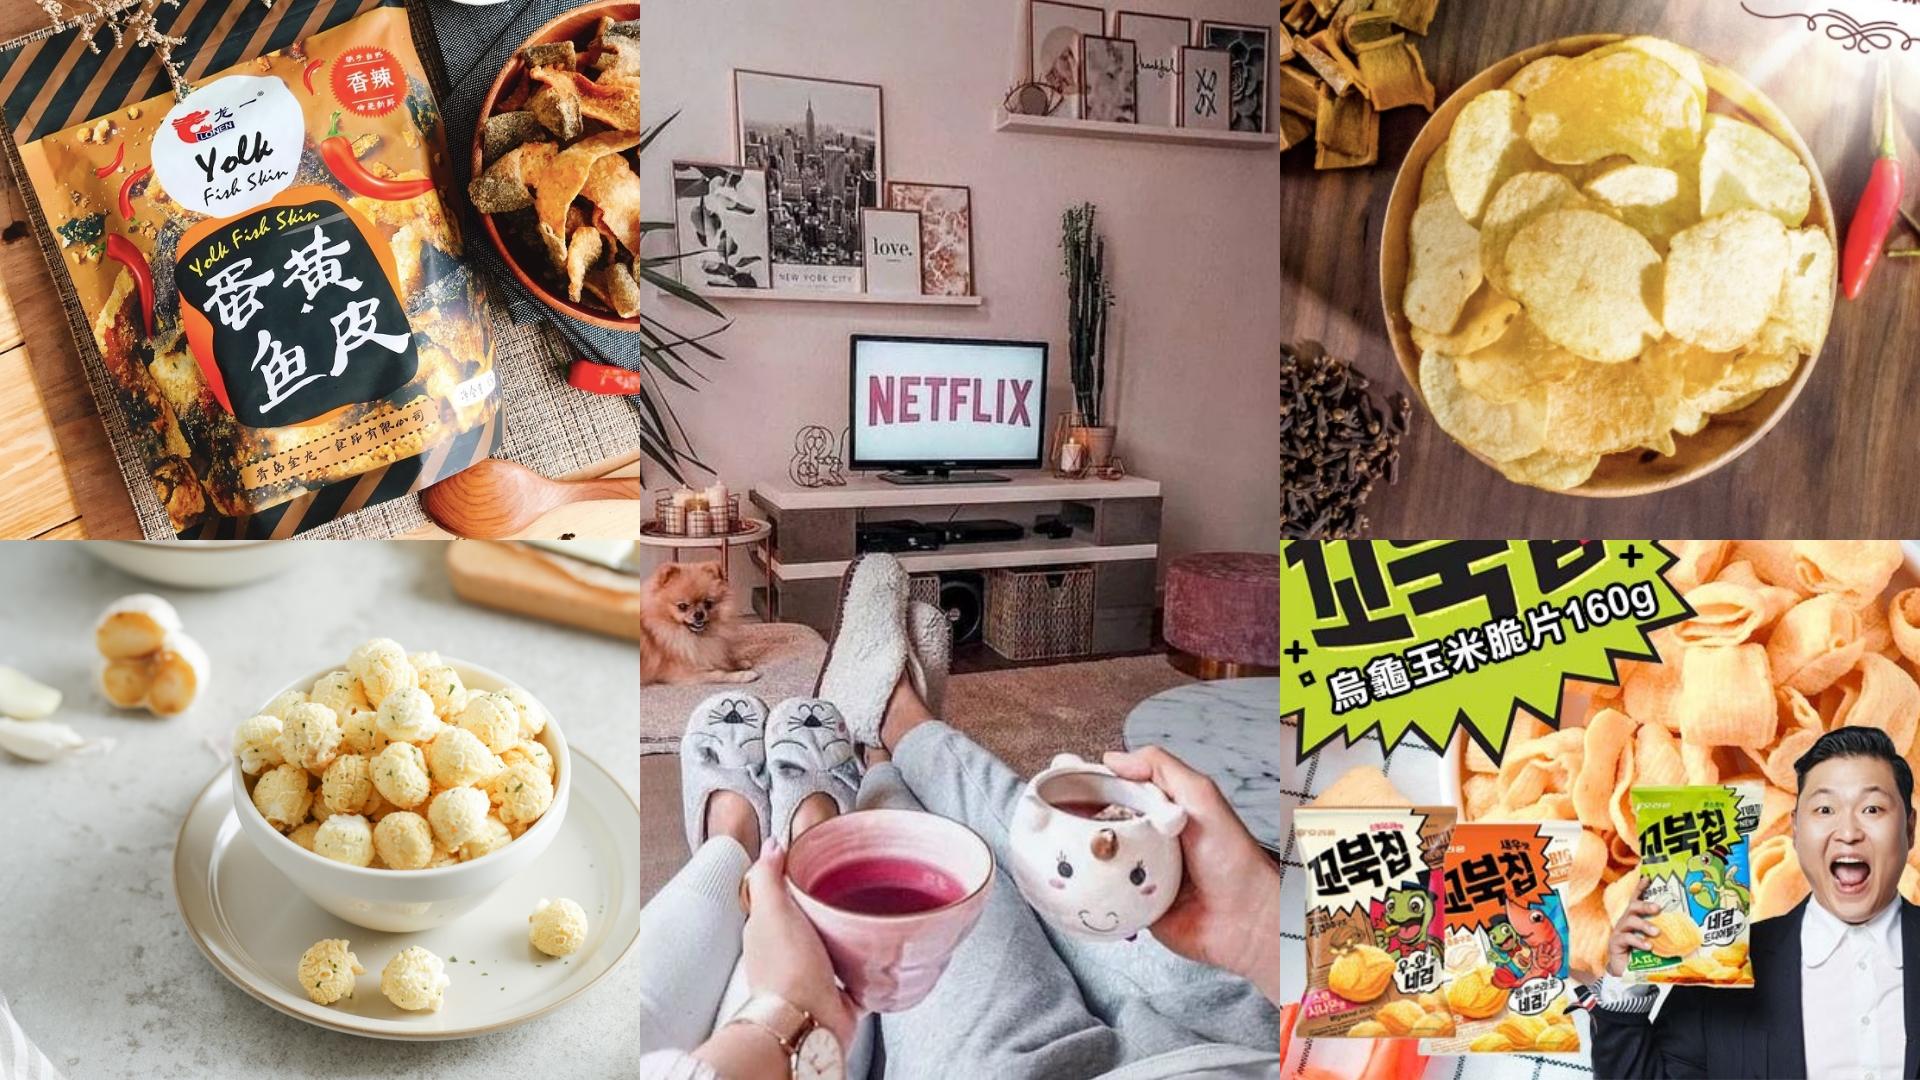 網路熱搜的爆款零食,宅在家追劇絕對是必備啊!